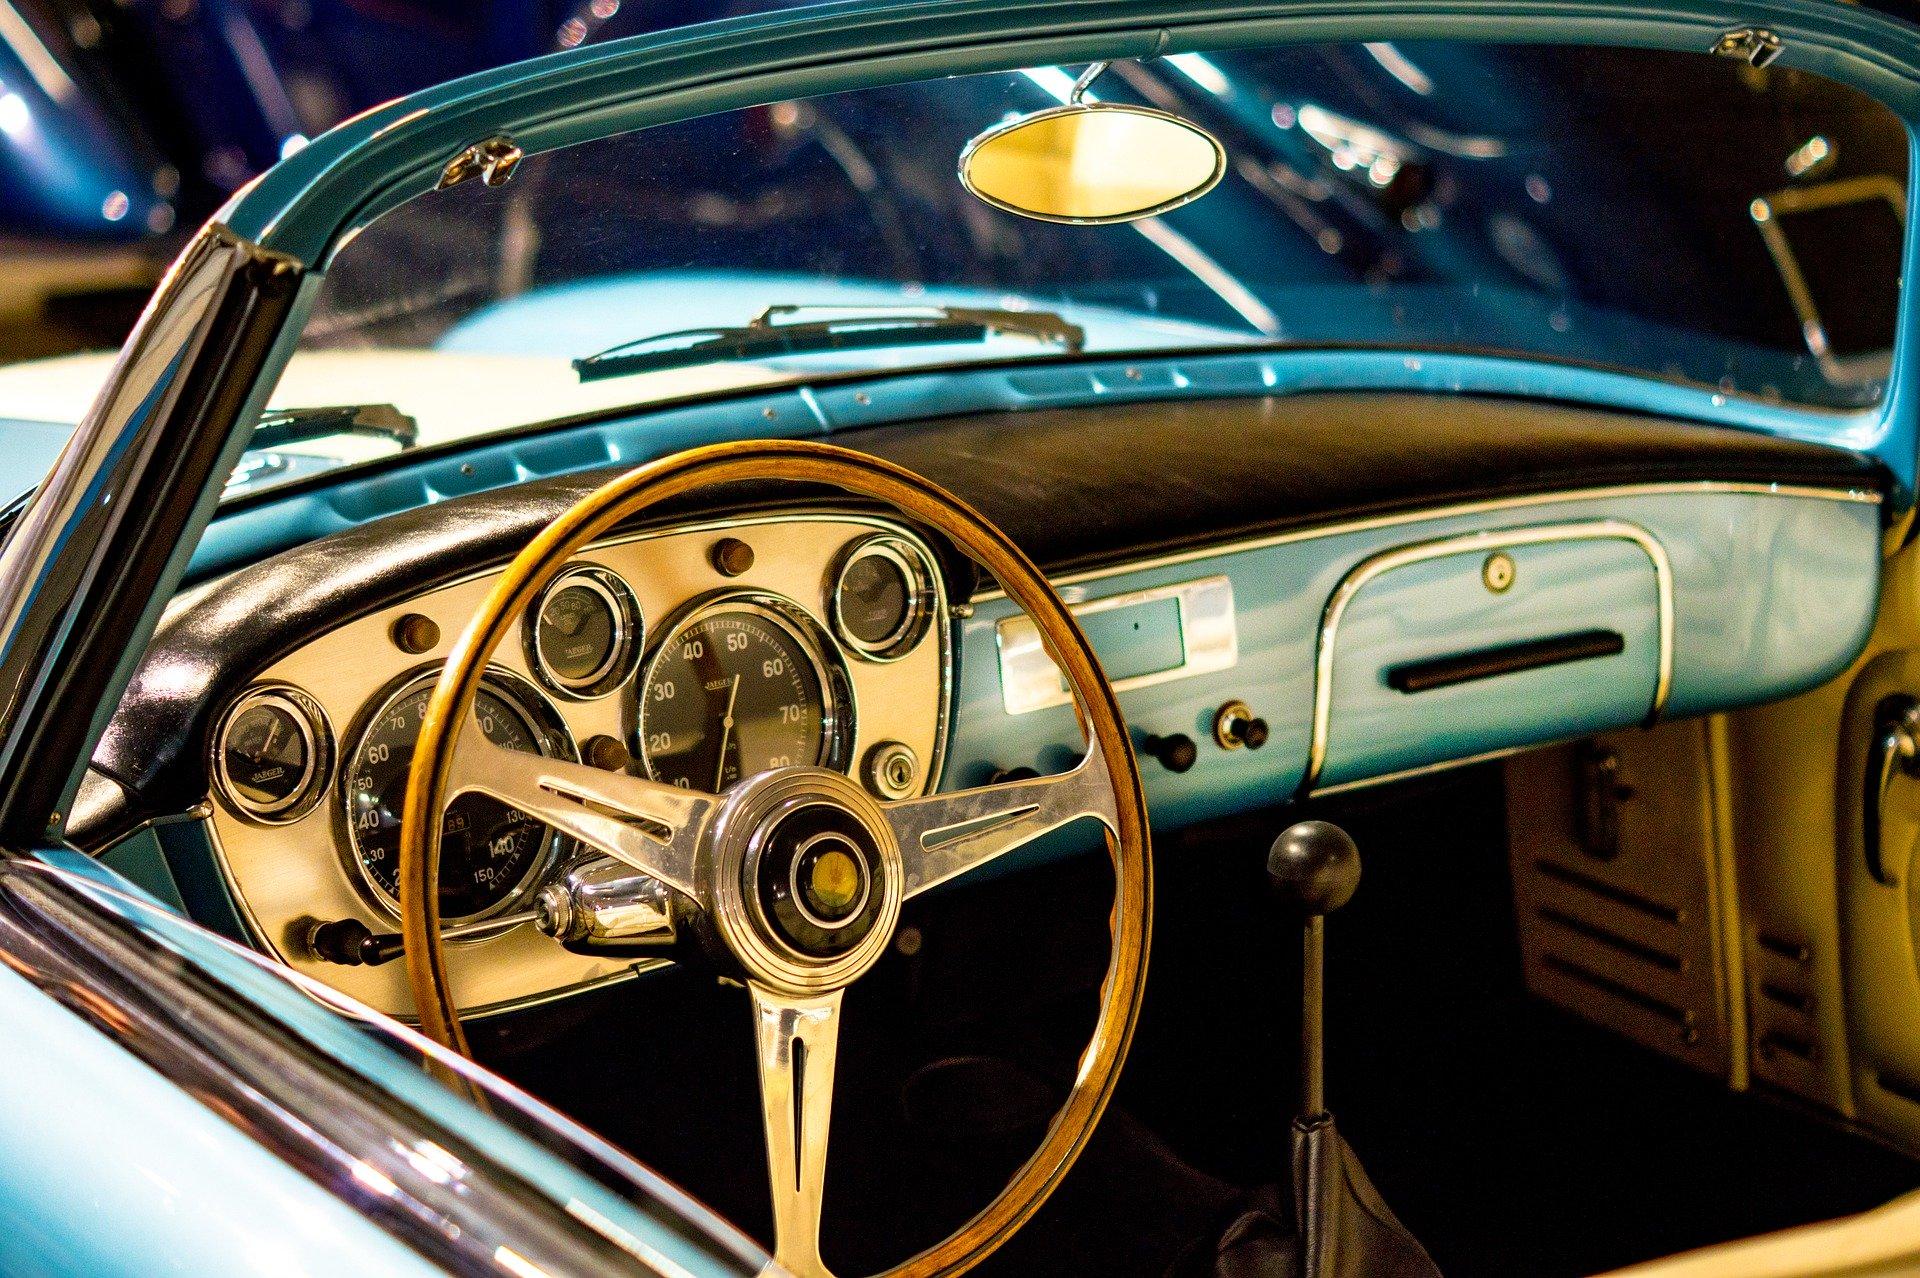 Elektróny dodajú vášmu autu šmrnc